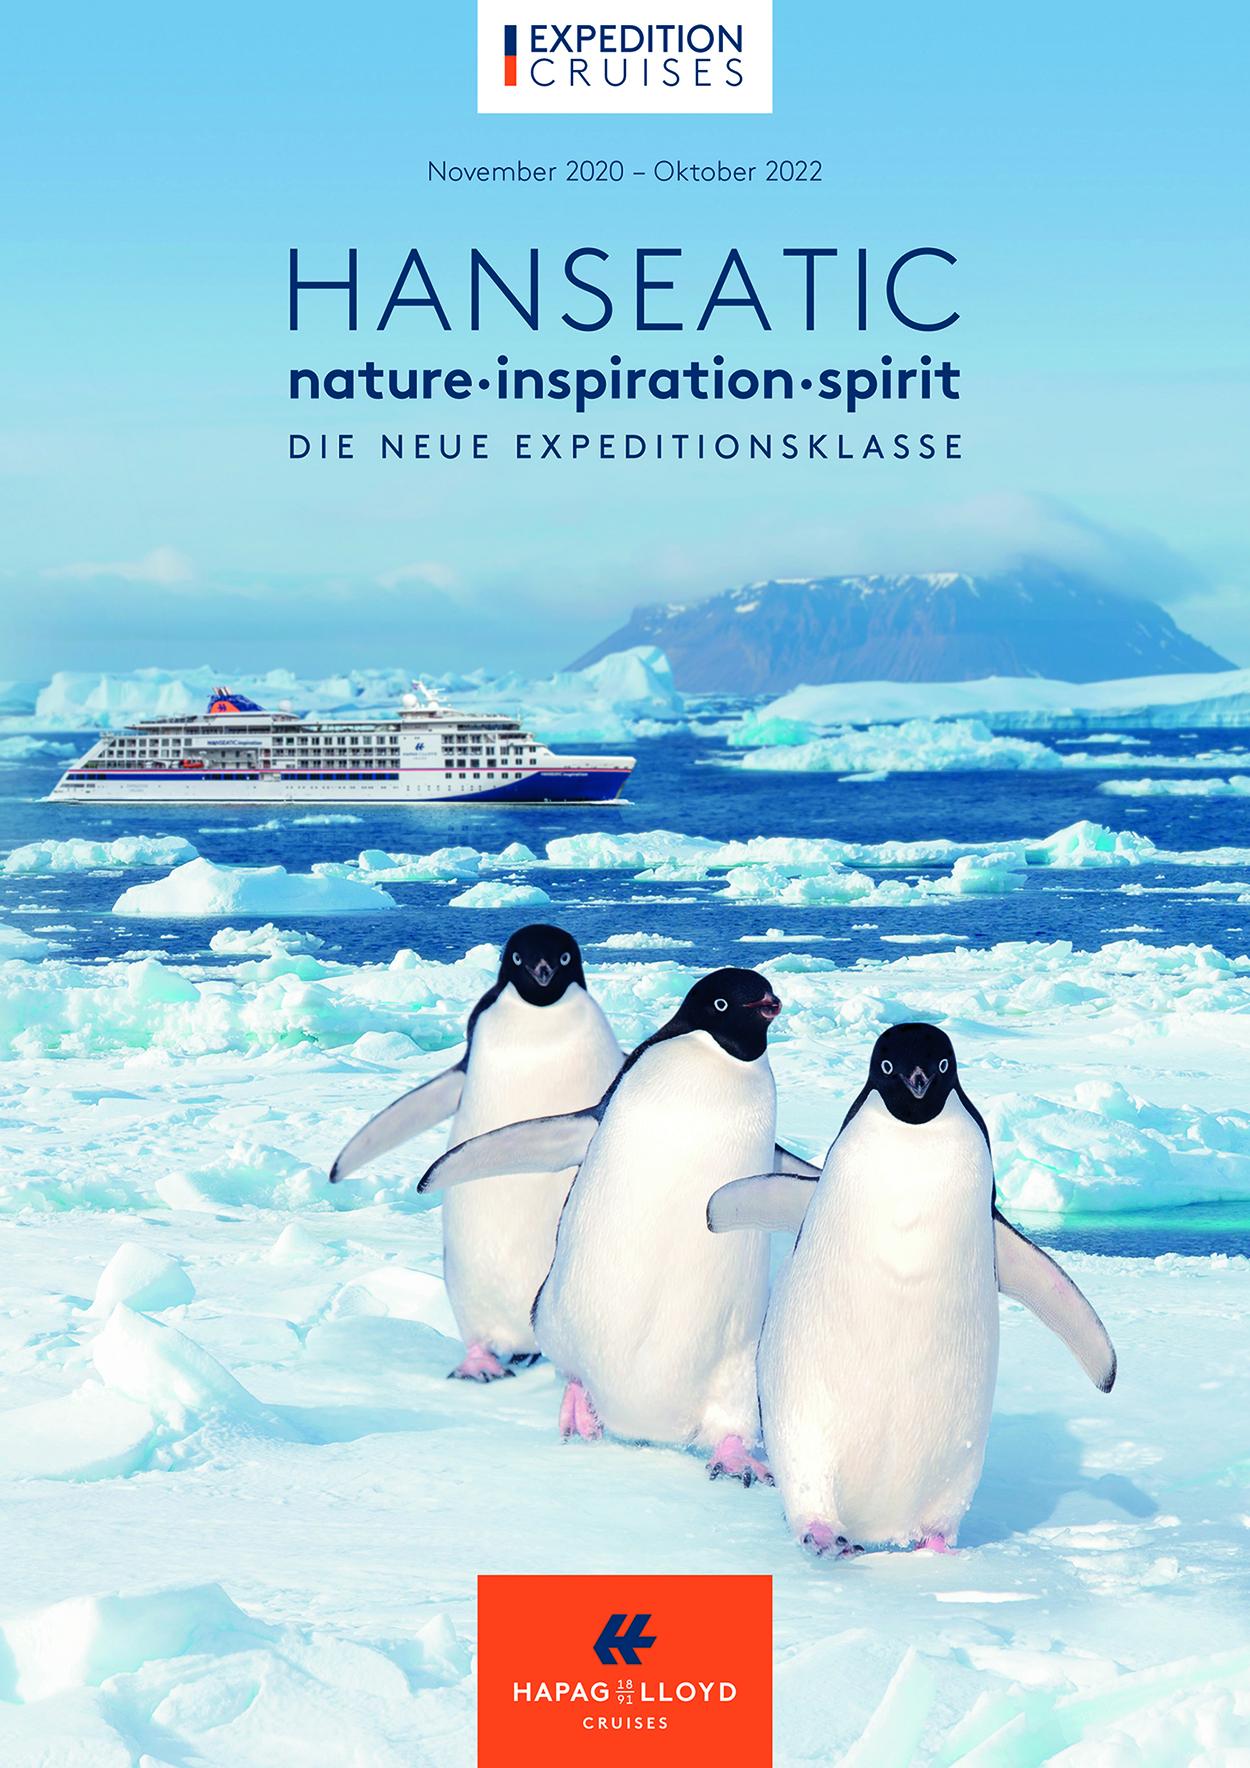 Mehr als 70 neue Expeditionen präsentiert Hapag-Lloyd Cruises für die HANSEATIC nature, HANSEATIC inspiration und HANSEATIC spirit in 2021/22.